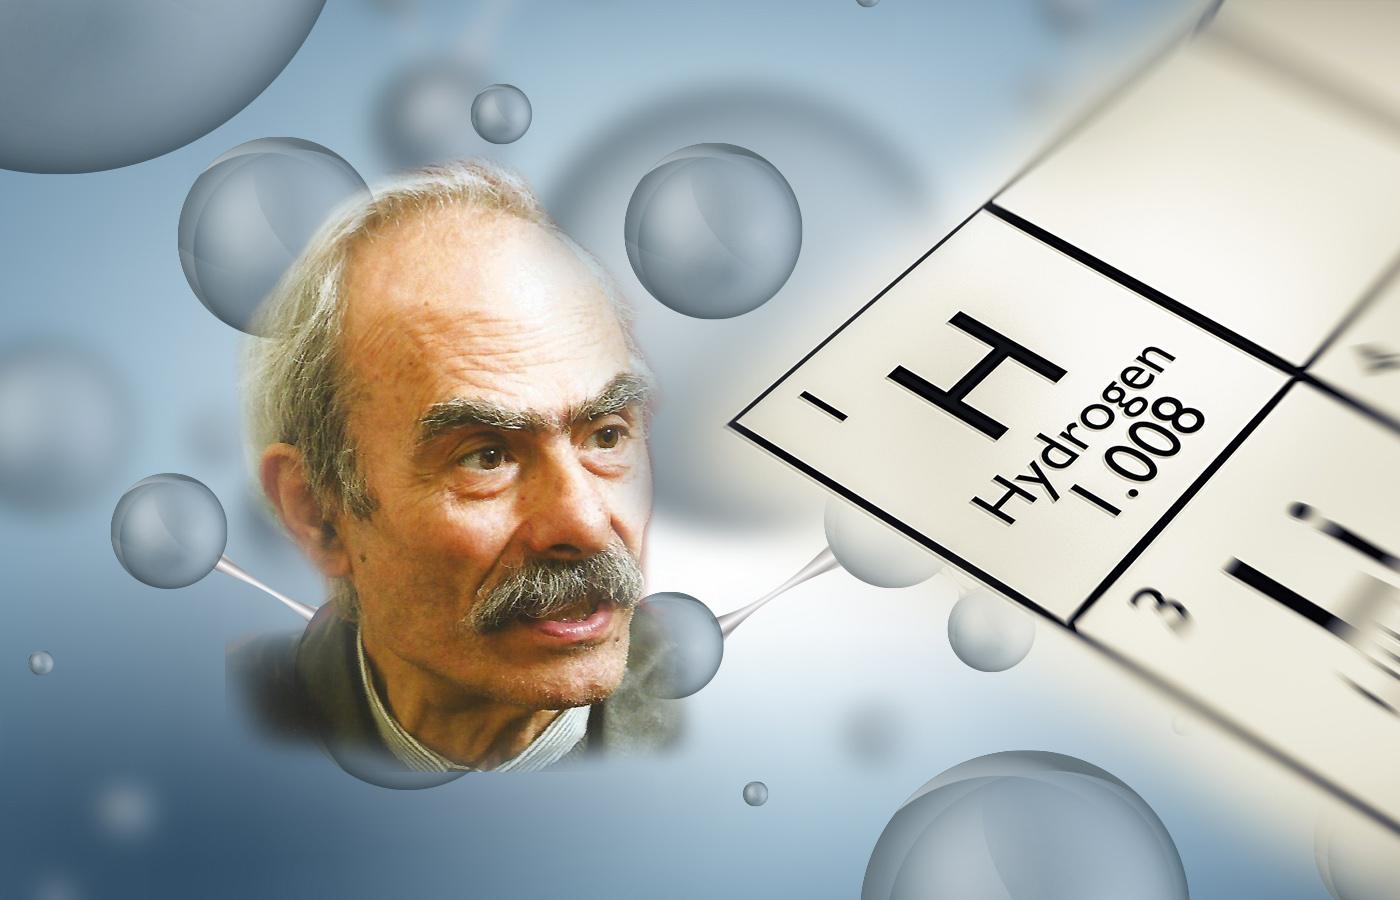 Πέτρος Ζωγράφος - Το μέλλον είναι το υδρογόνο